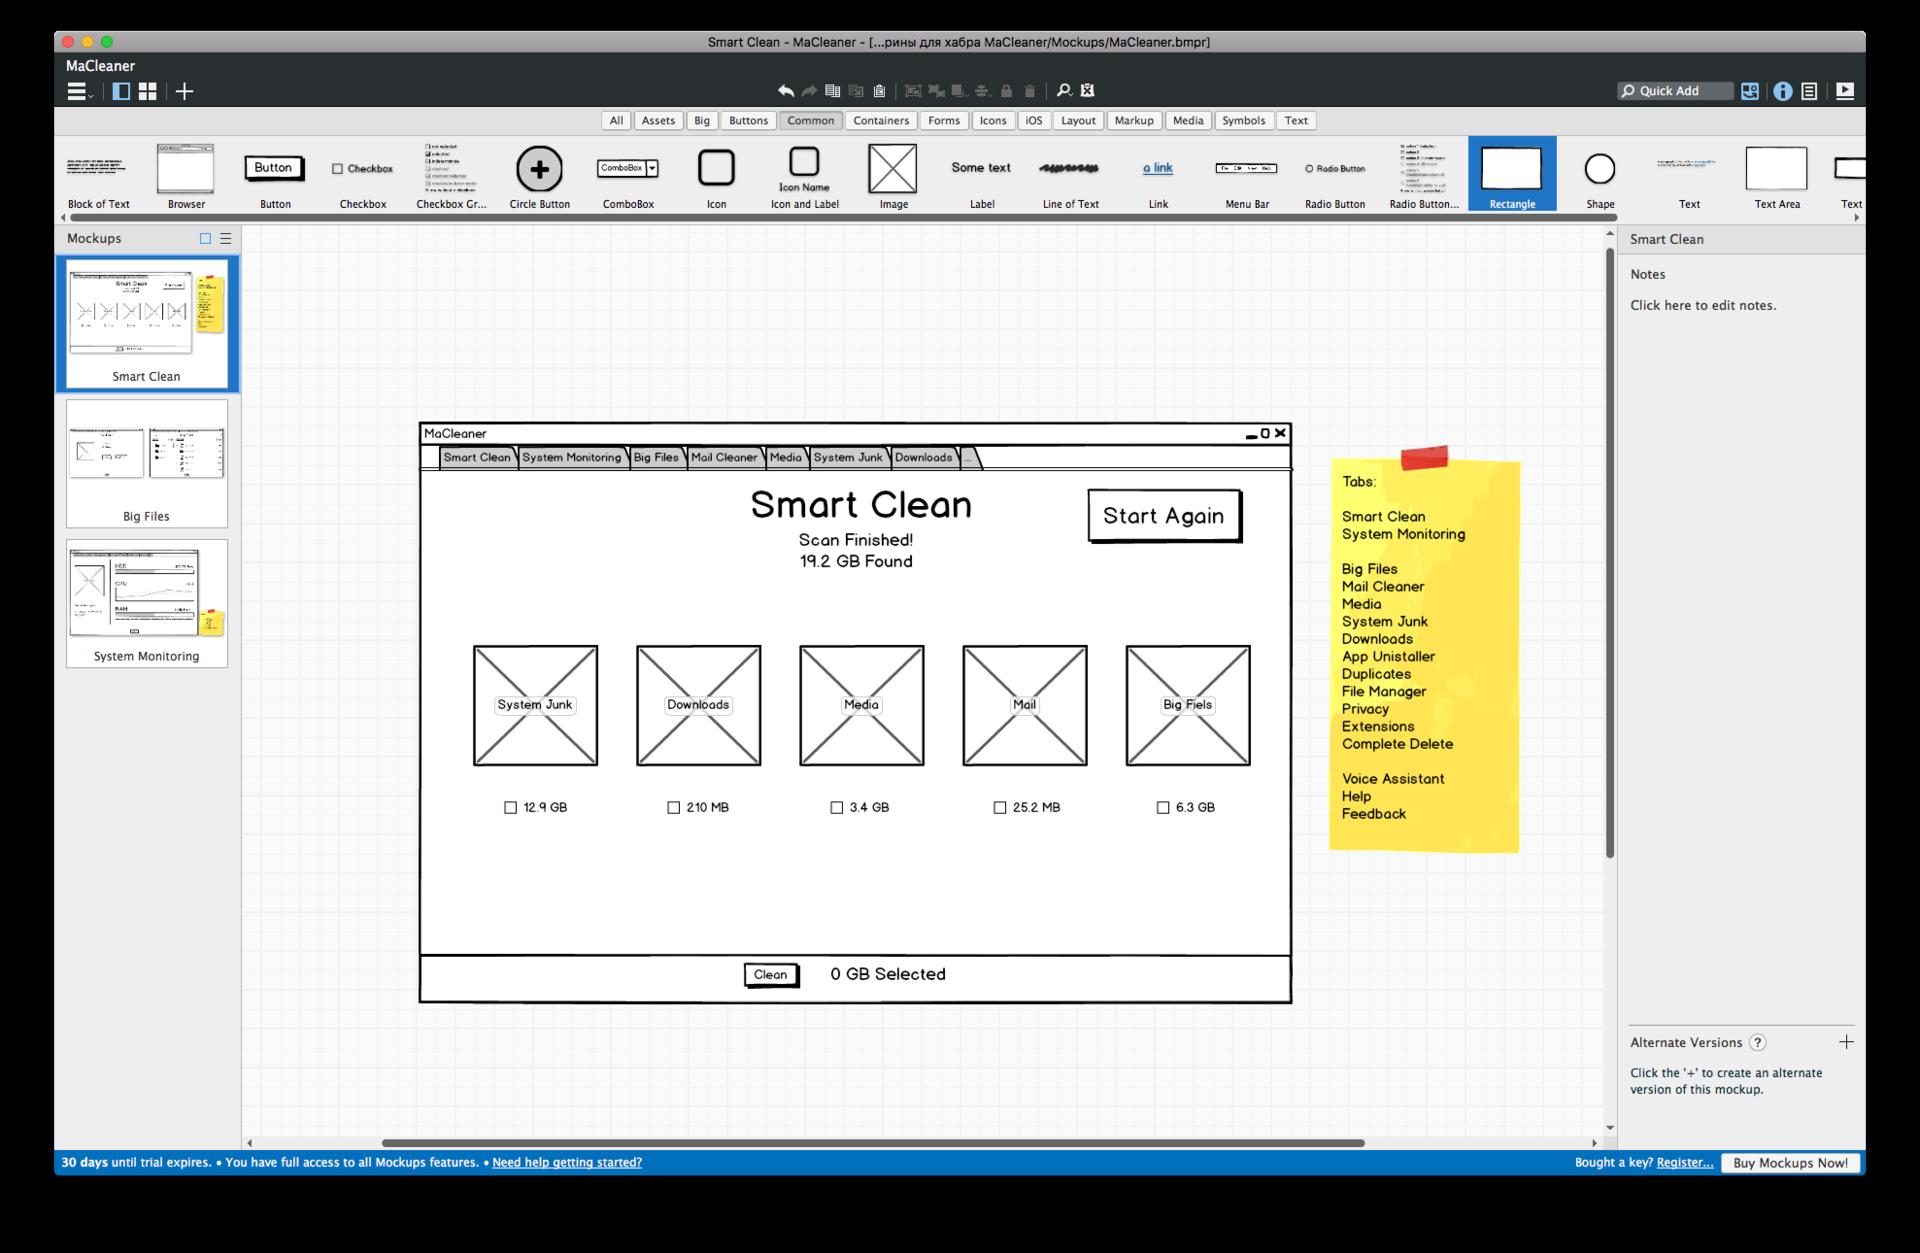 Инструменты для прототипирования на Mac: сопоставительная характеристика - 15